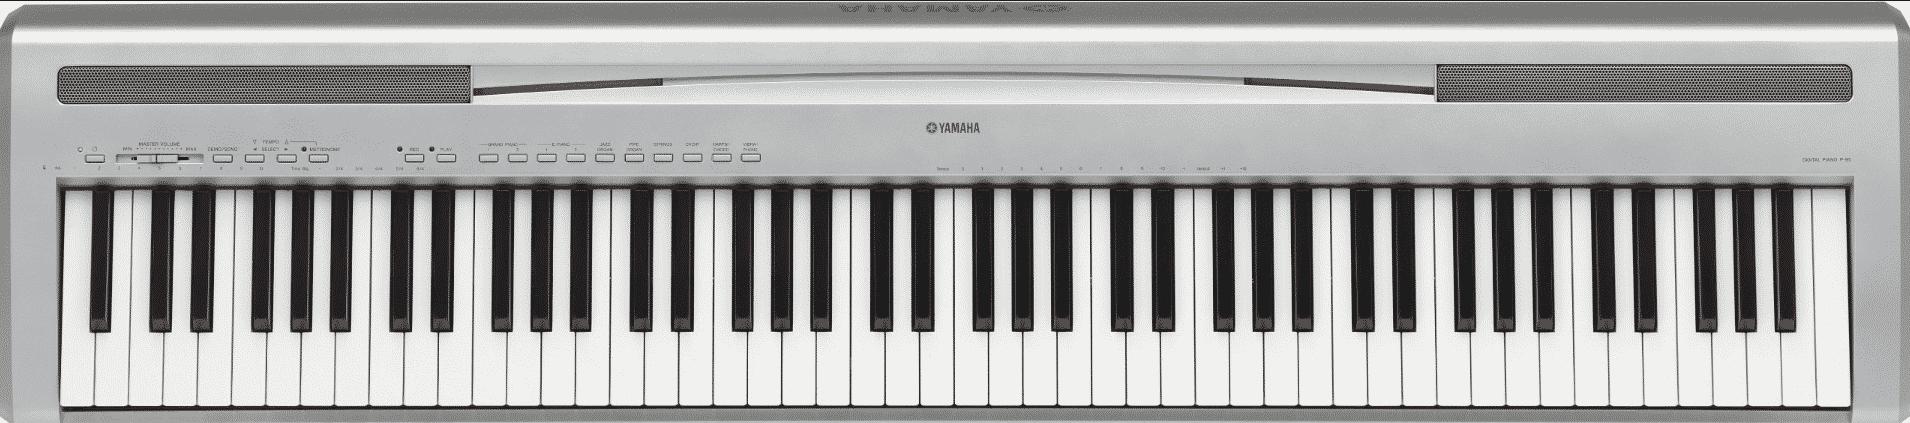 Yamaha P95